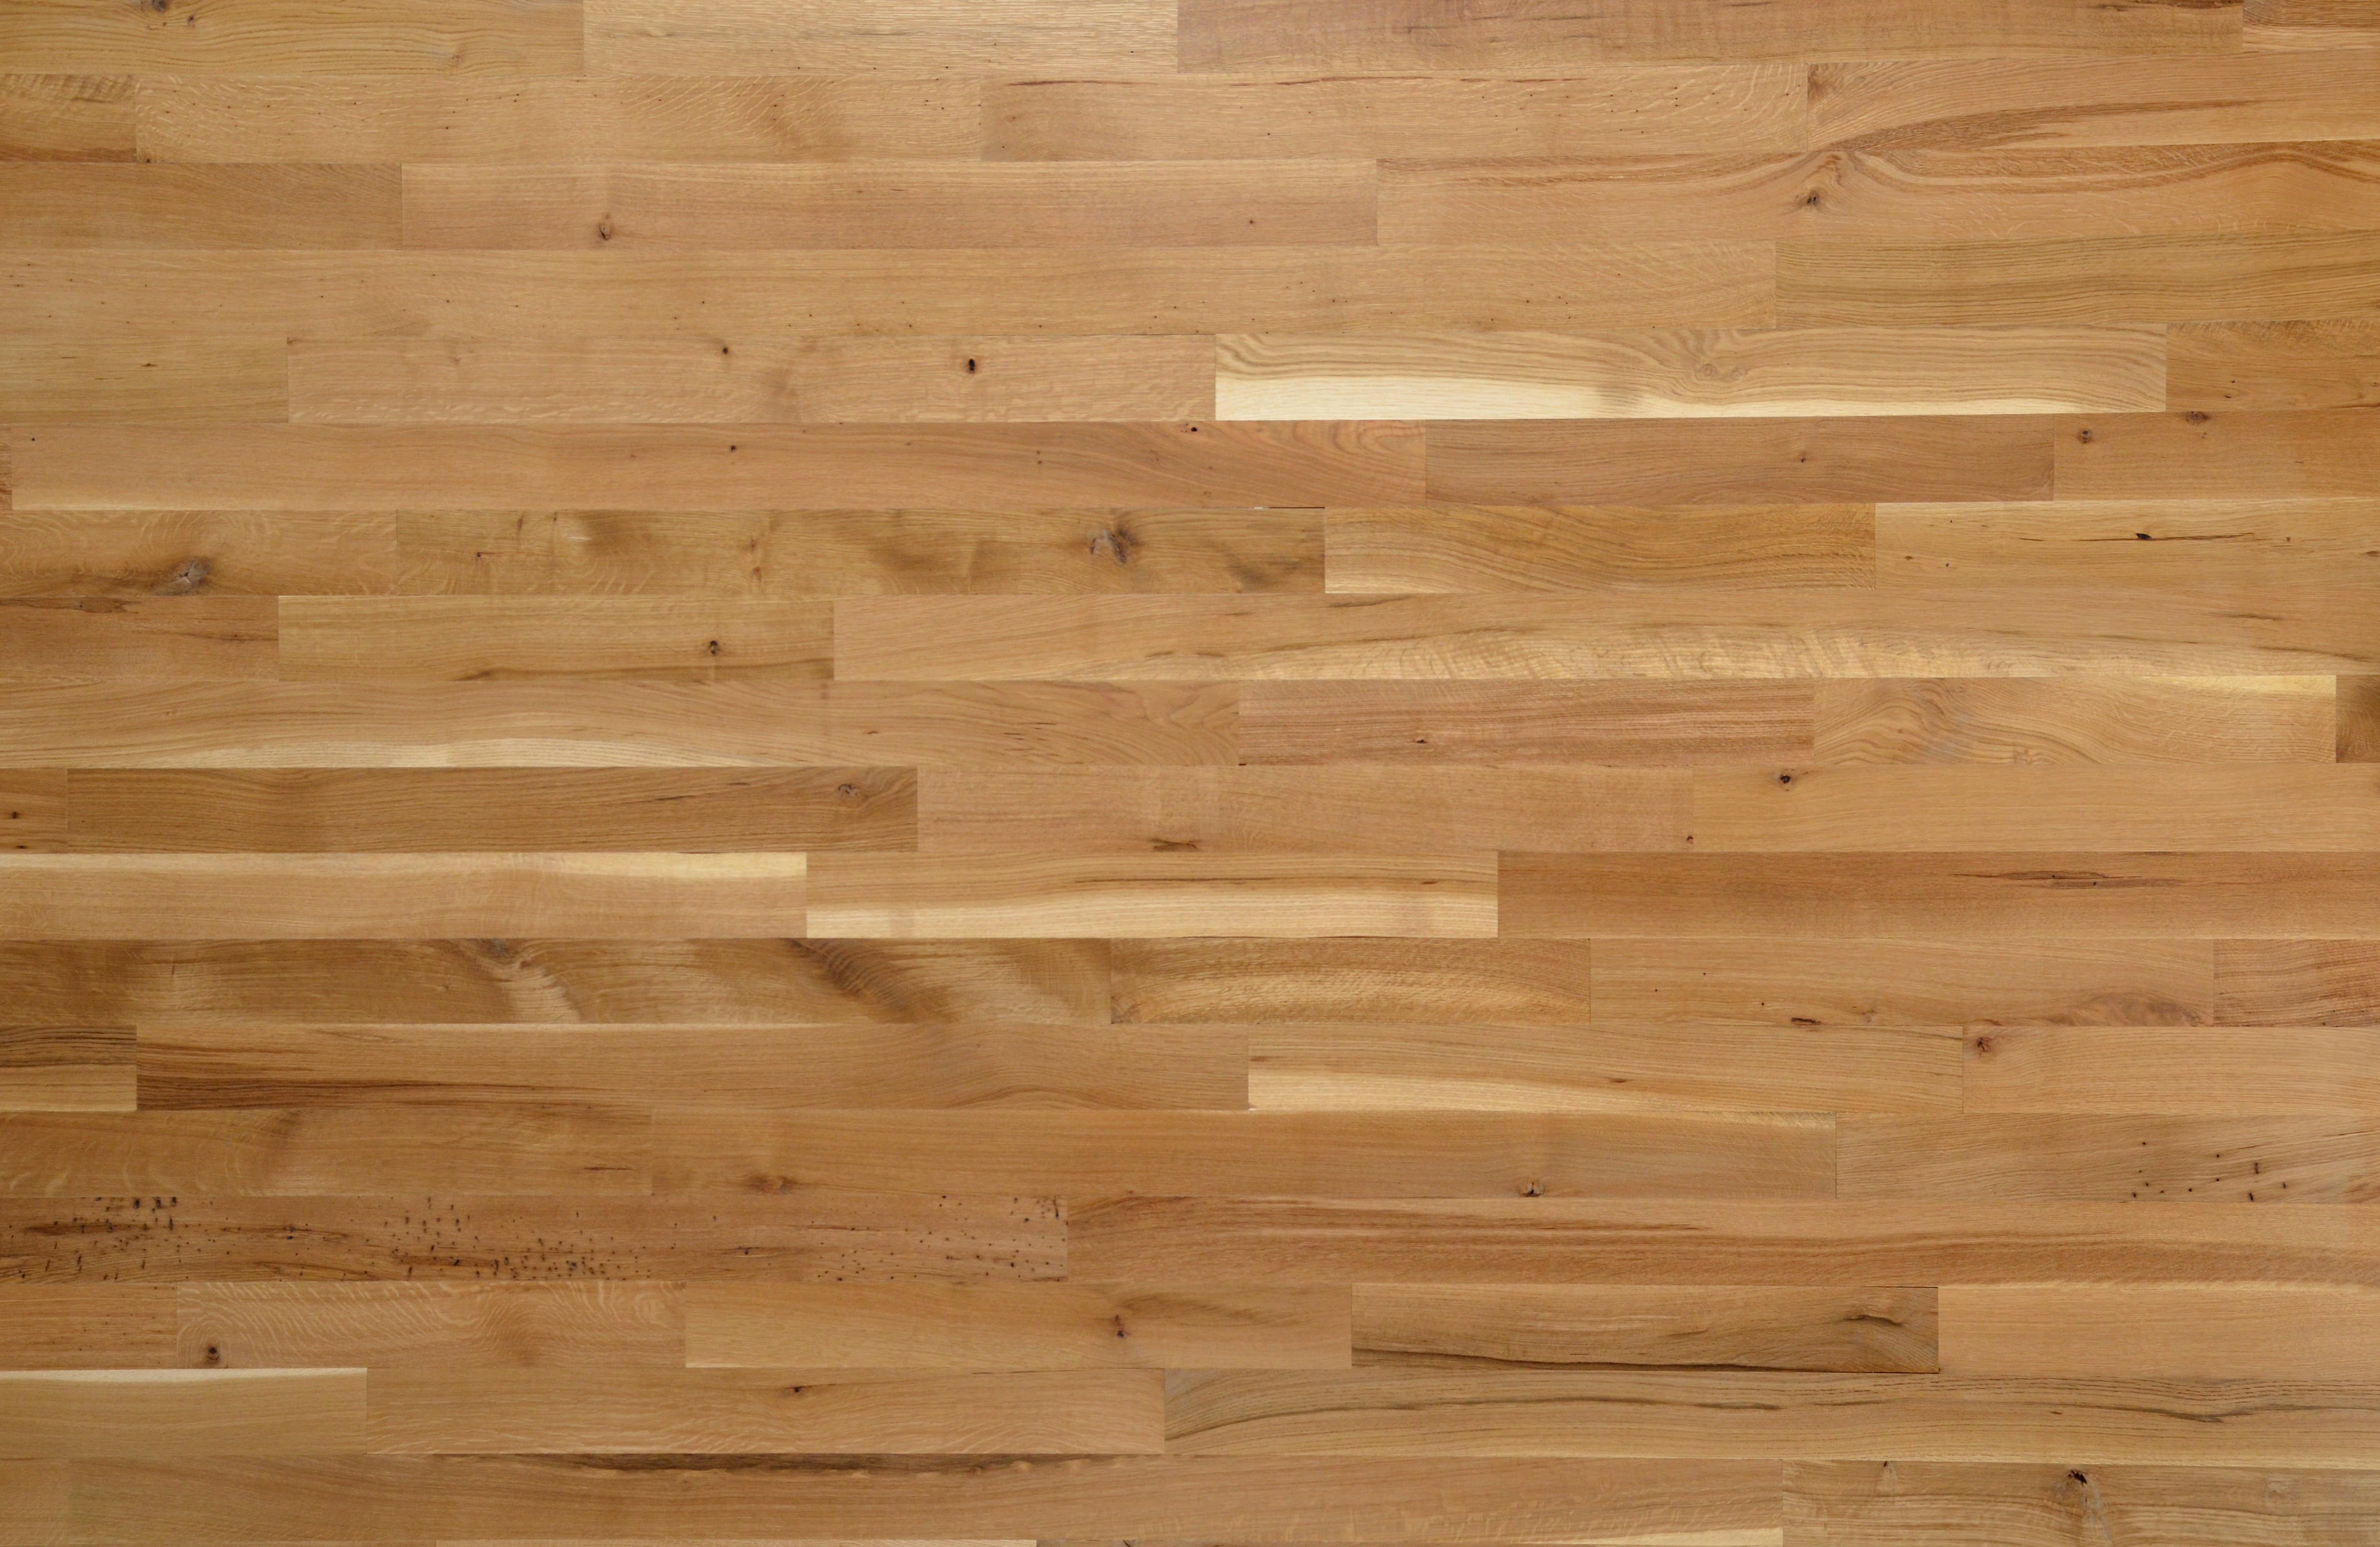 somerset hardwood flooring reviews of lacrosse hardwood flooring walnut white oak red oak hickory for rift quartered natural white oak